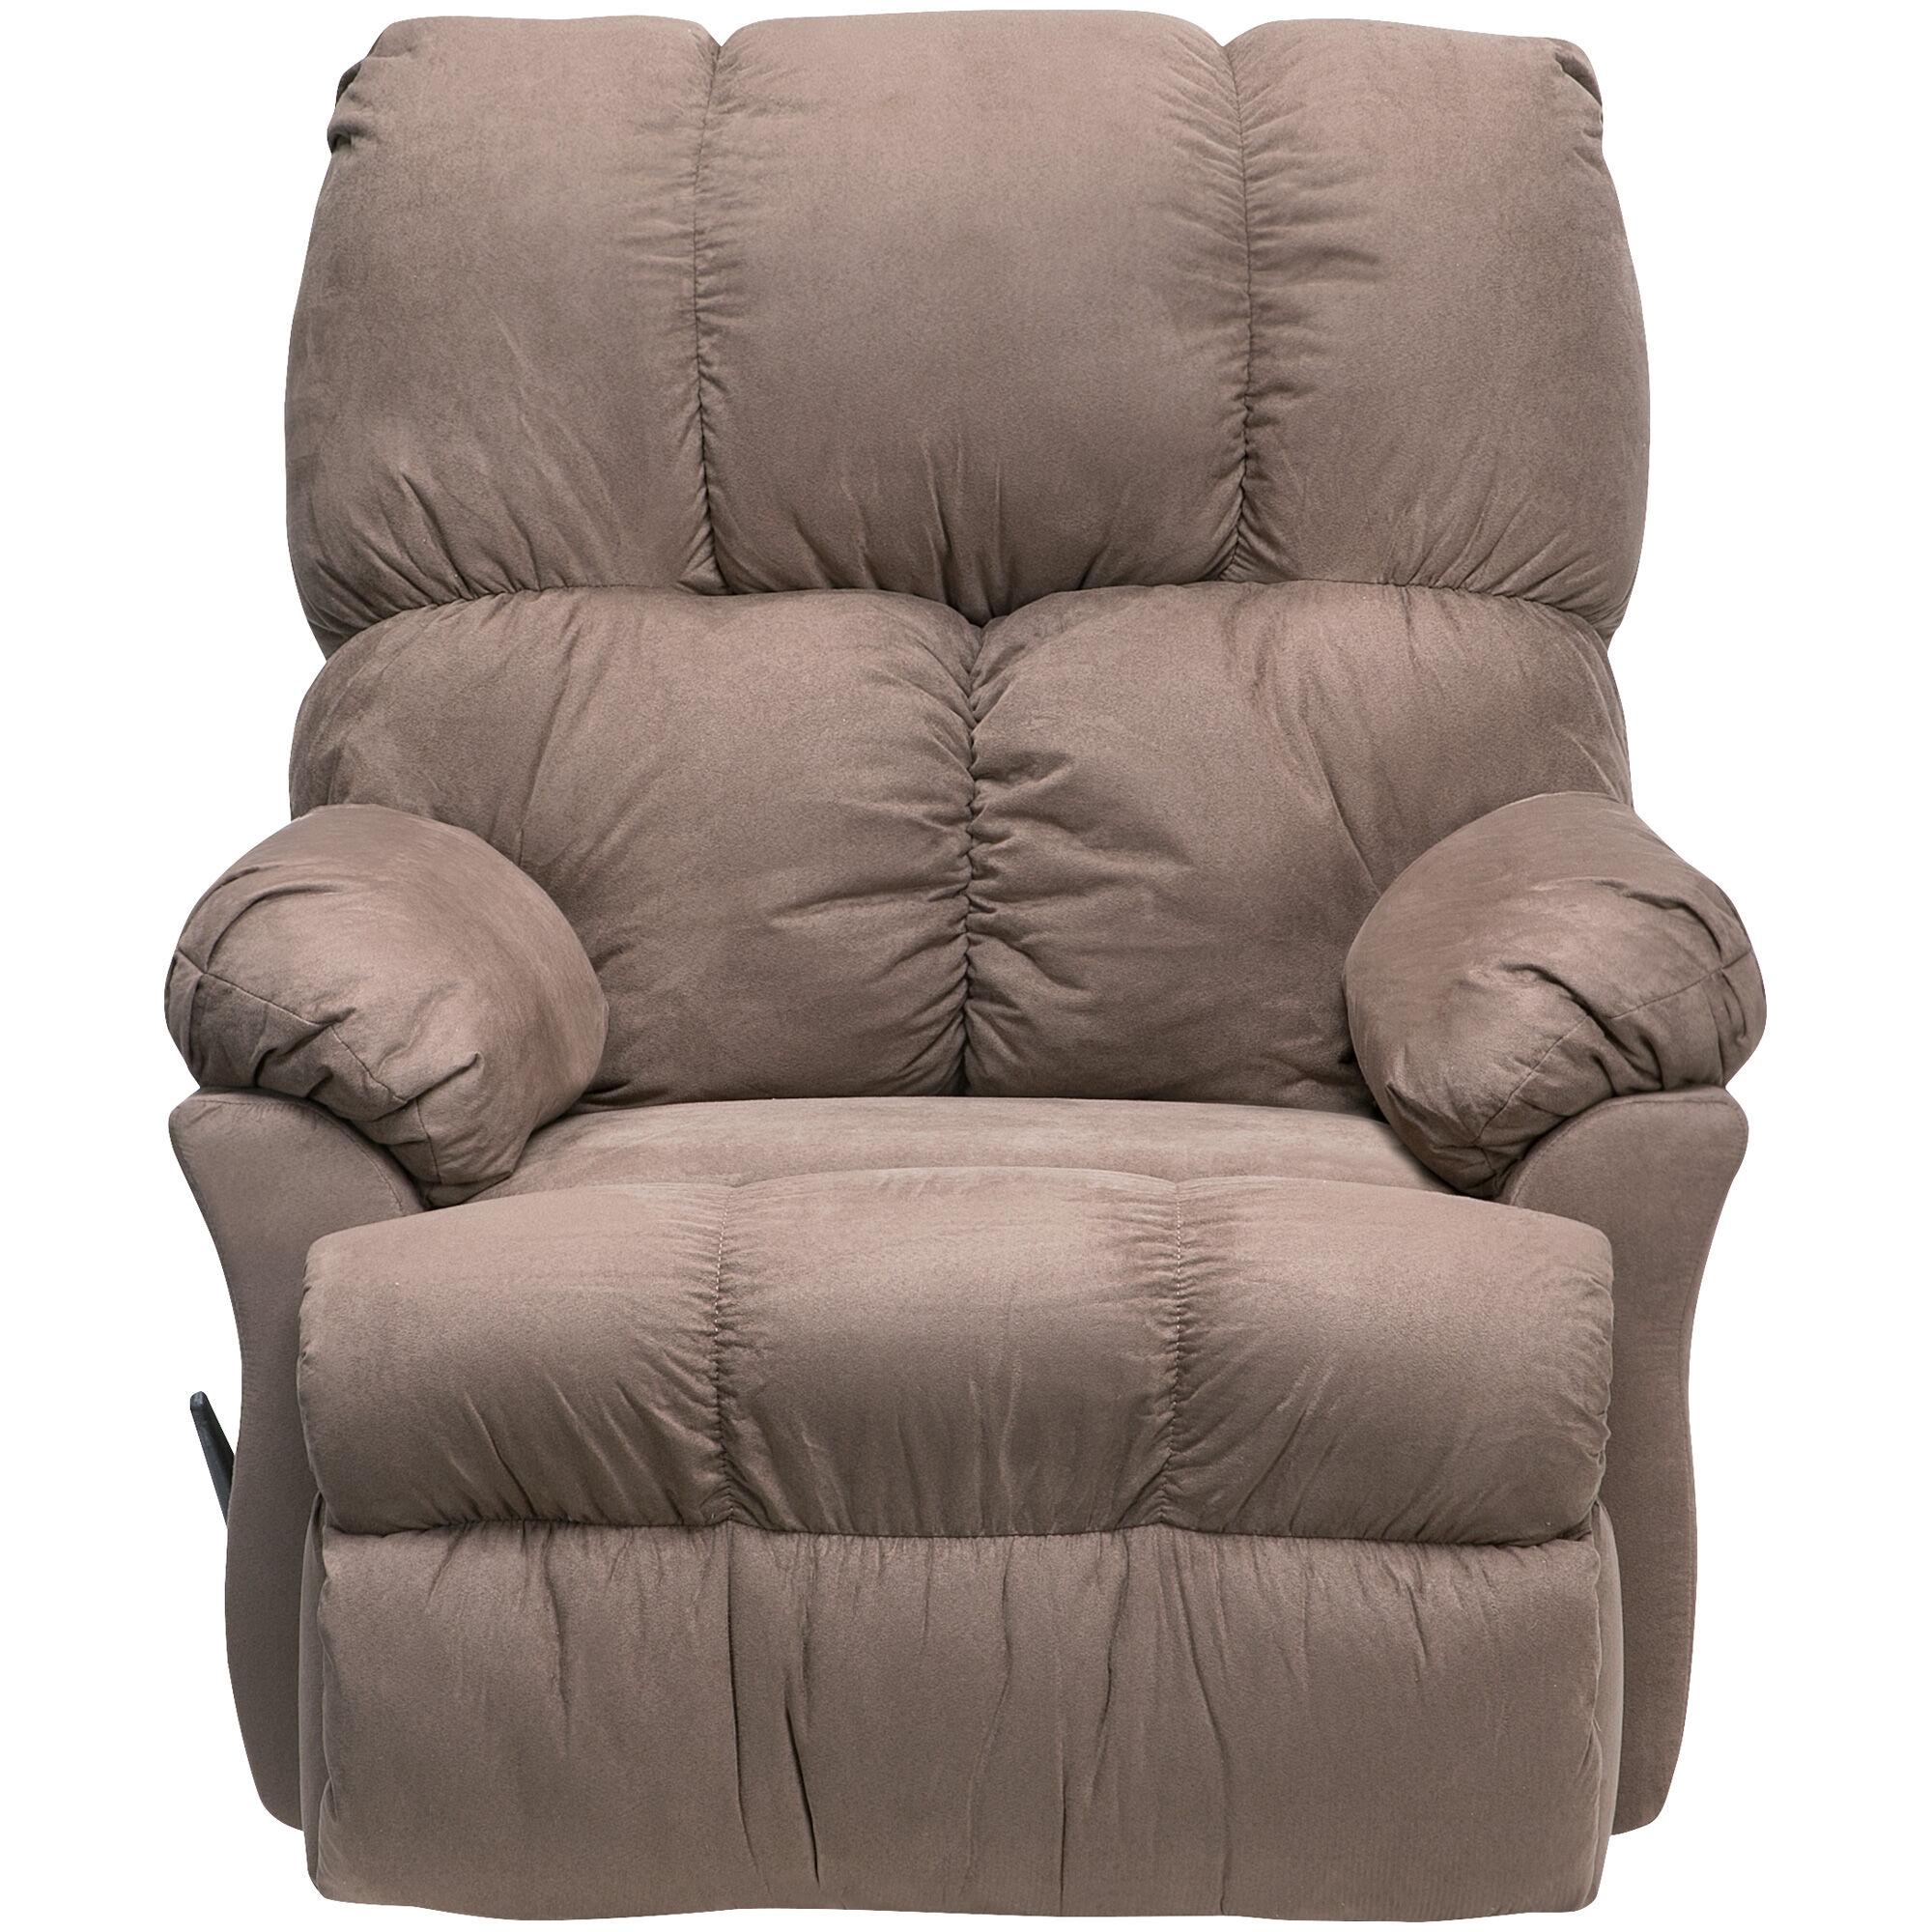 Slumberland Furniture  Parker Sable Rocker Recliner